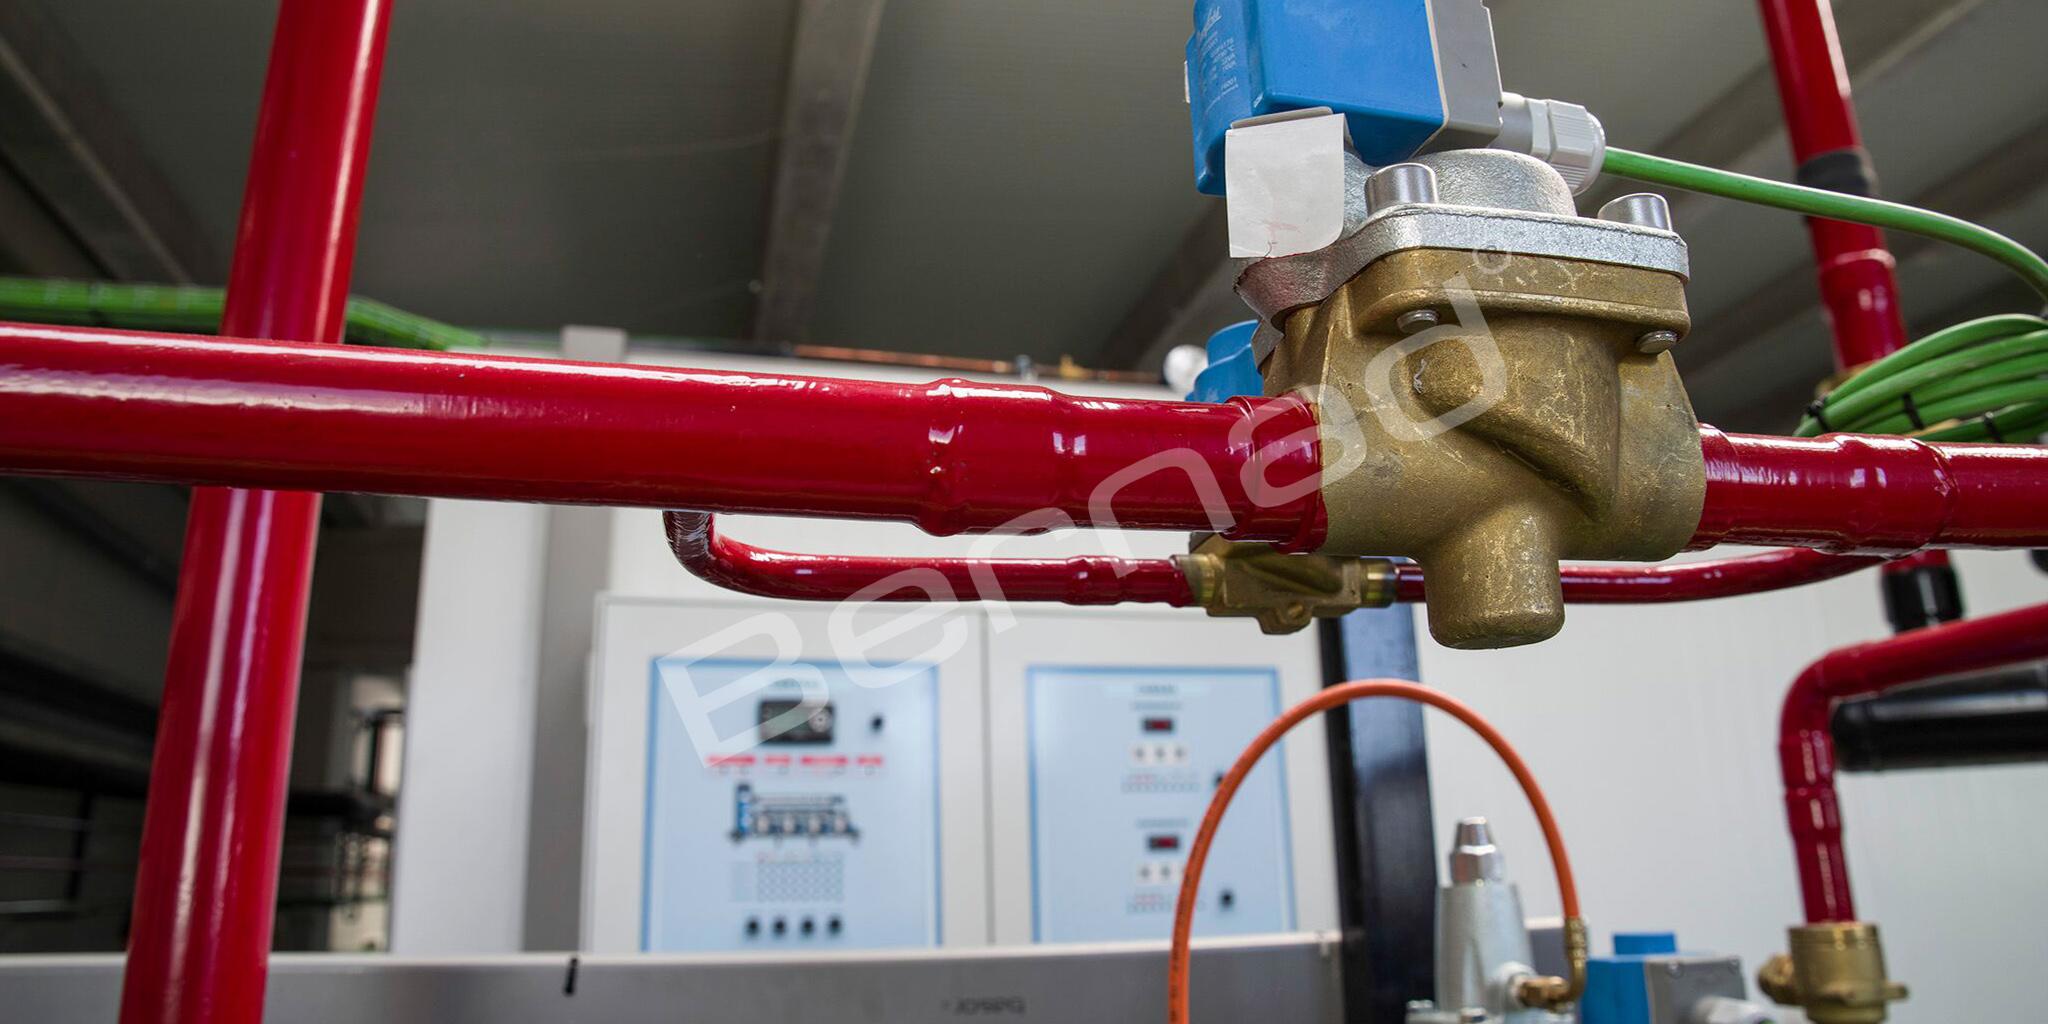 instalación y mantenimiento de cámaras de congelación